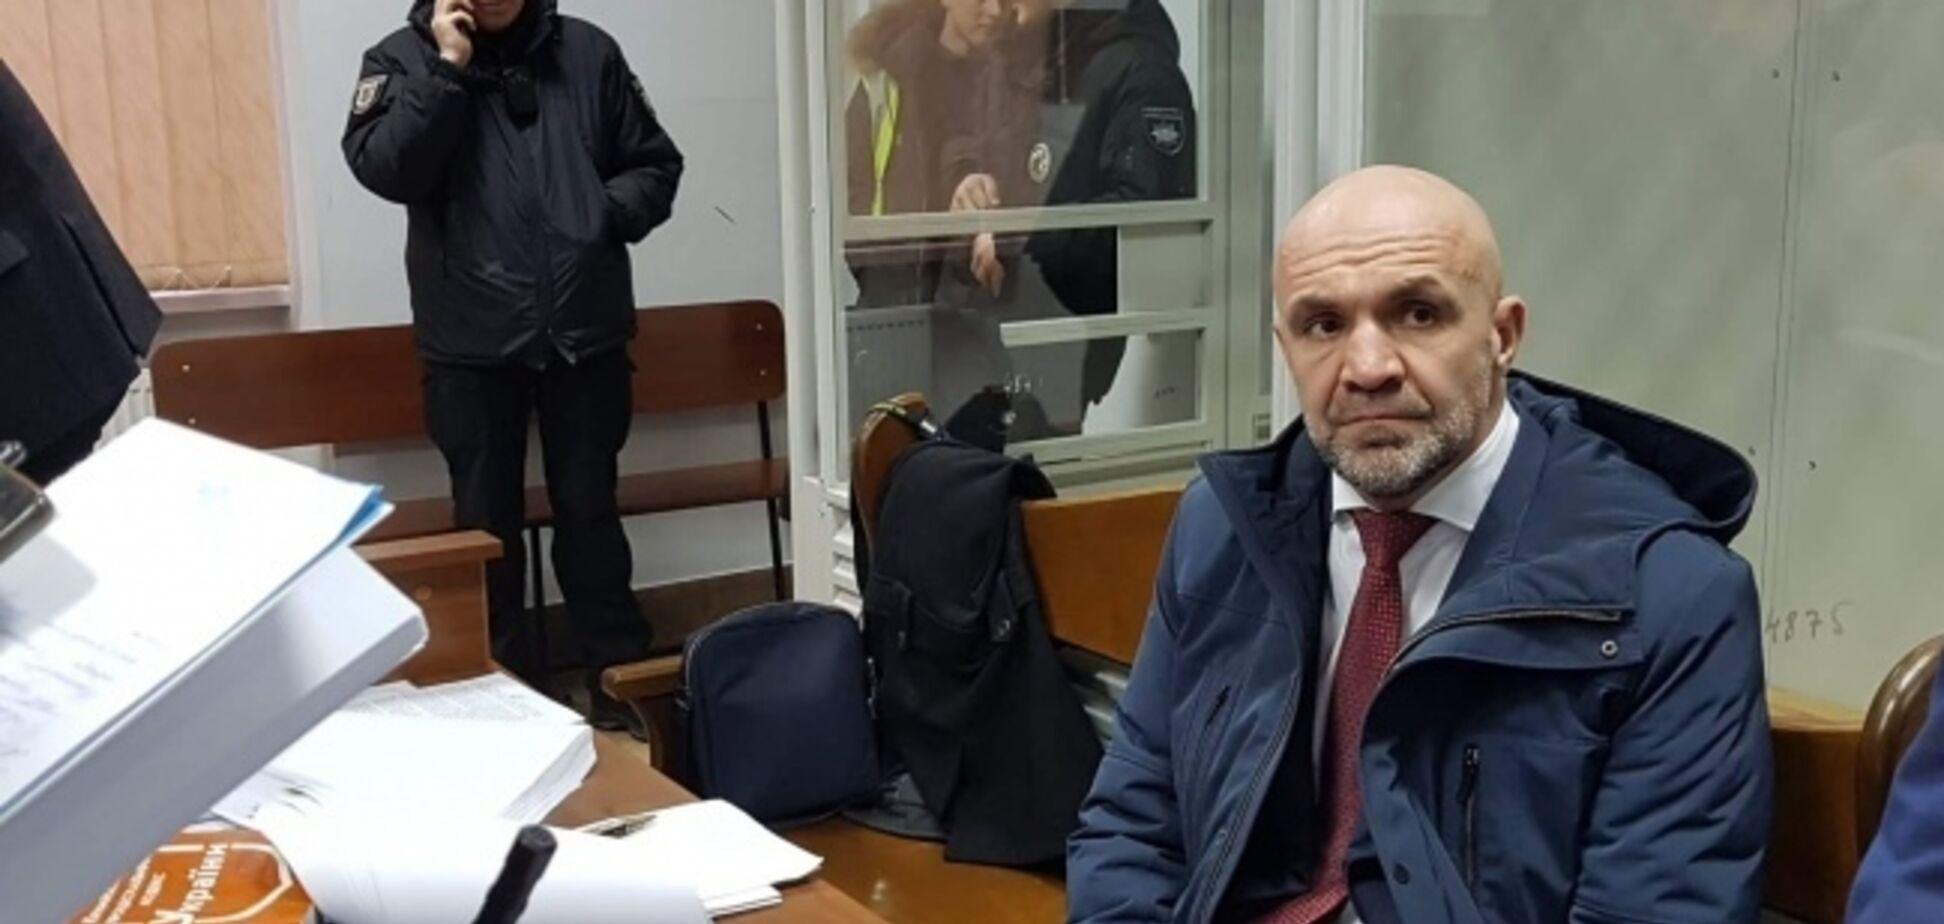 Убийство Гандзюк: экс-члена 'Батьківщини' Мангера выпустили из СИЗО